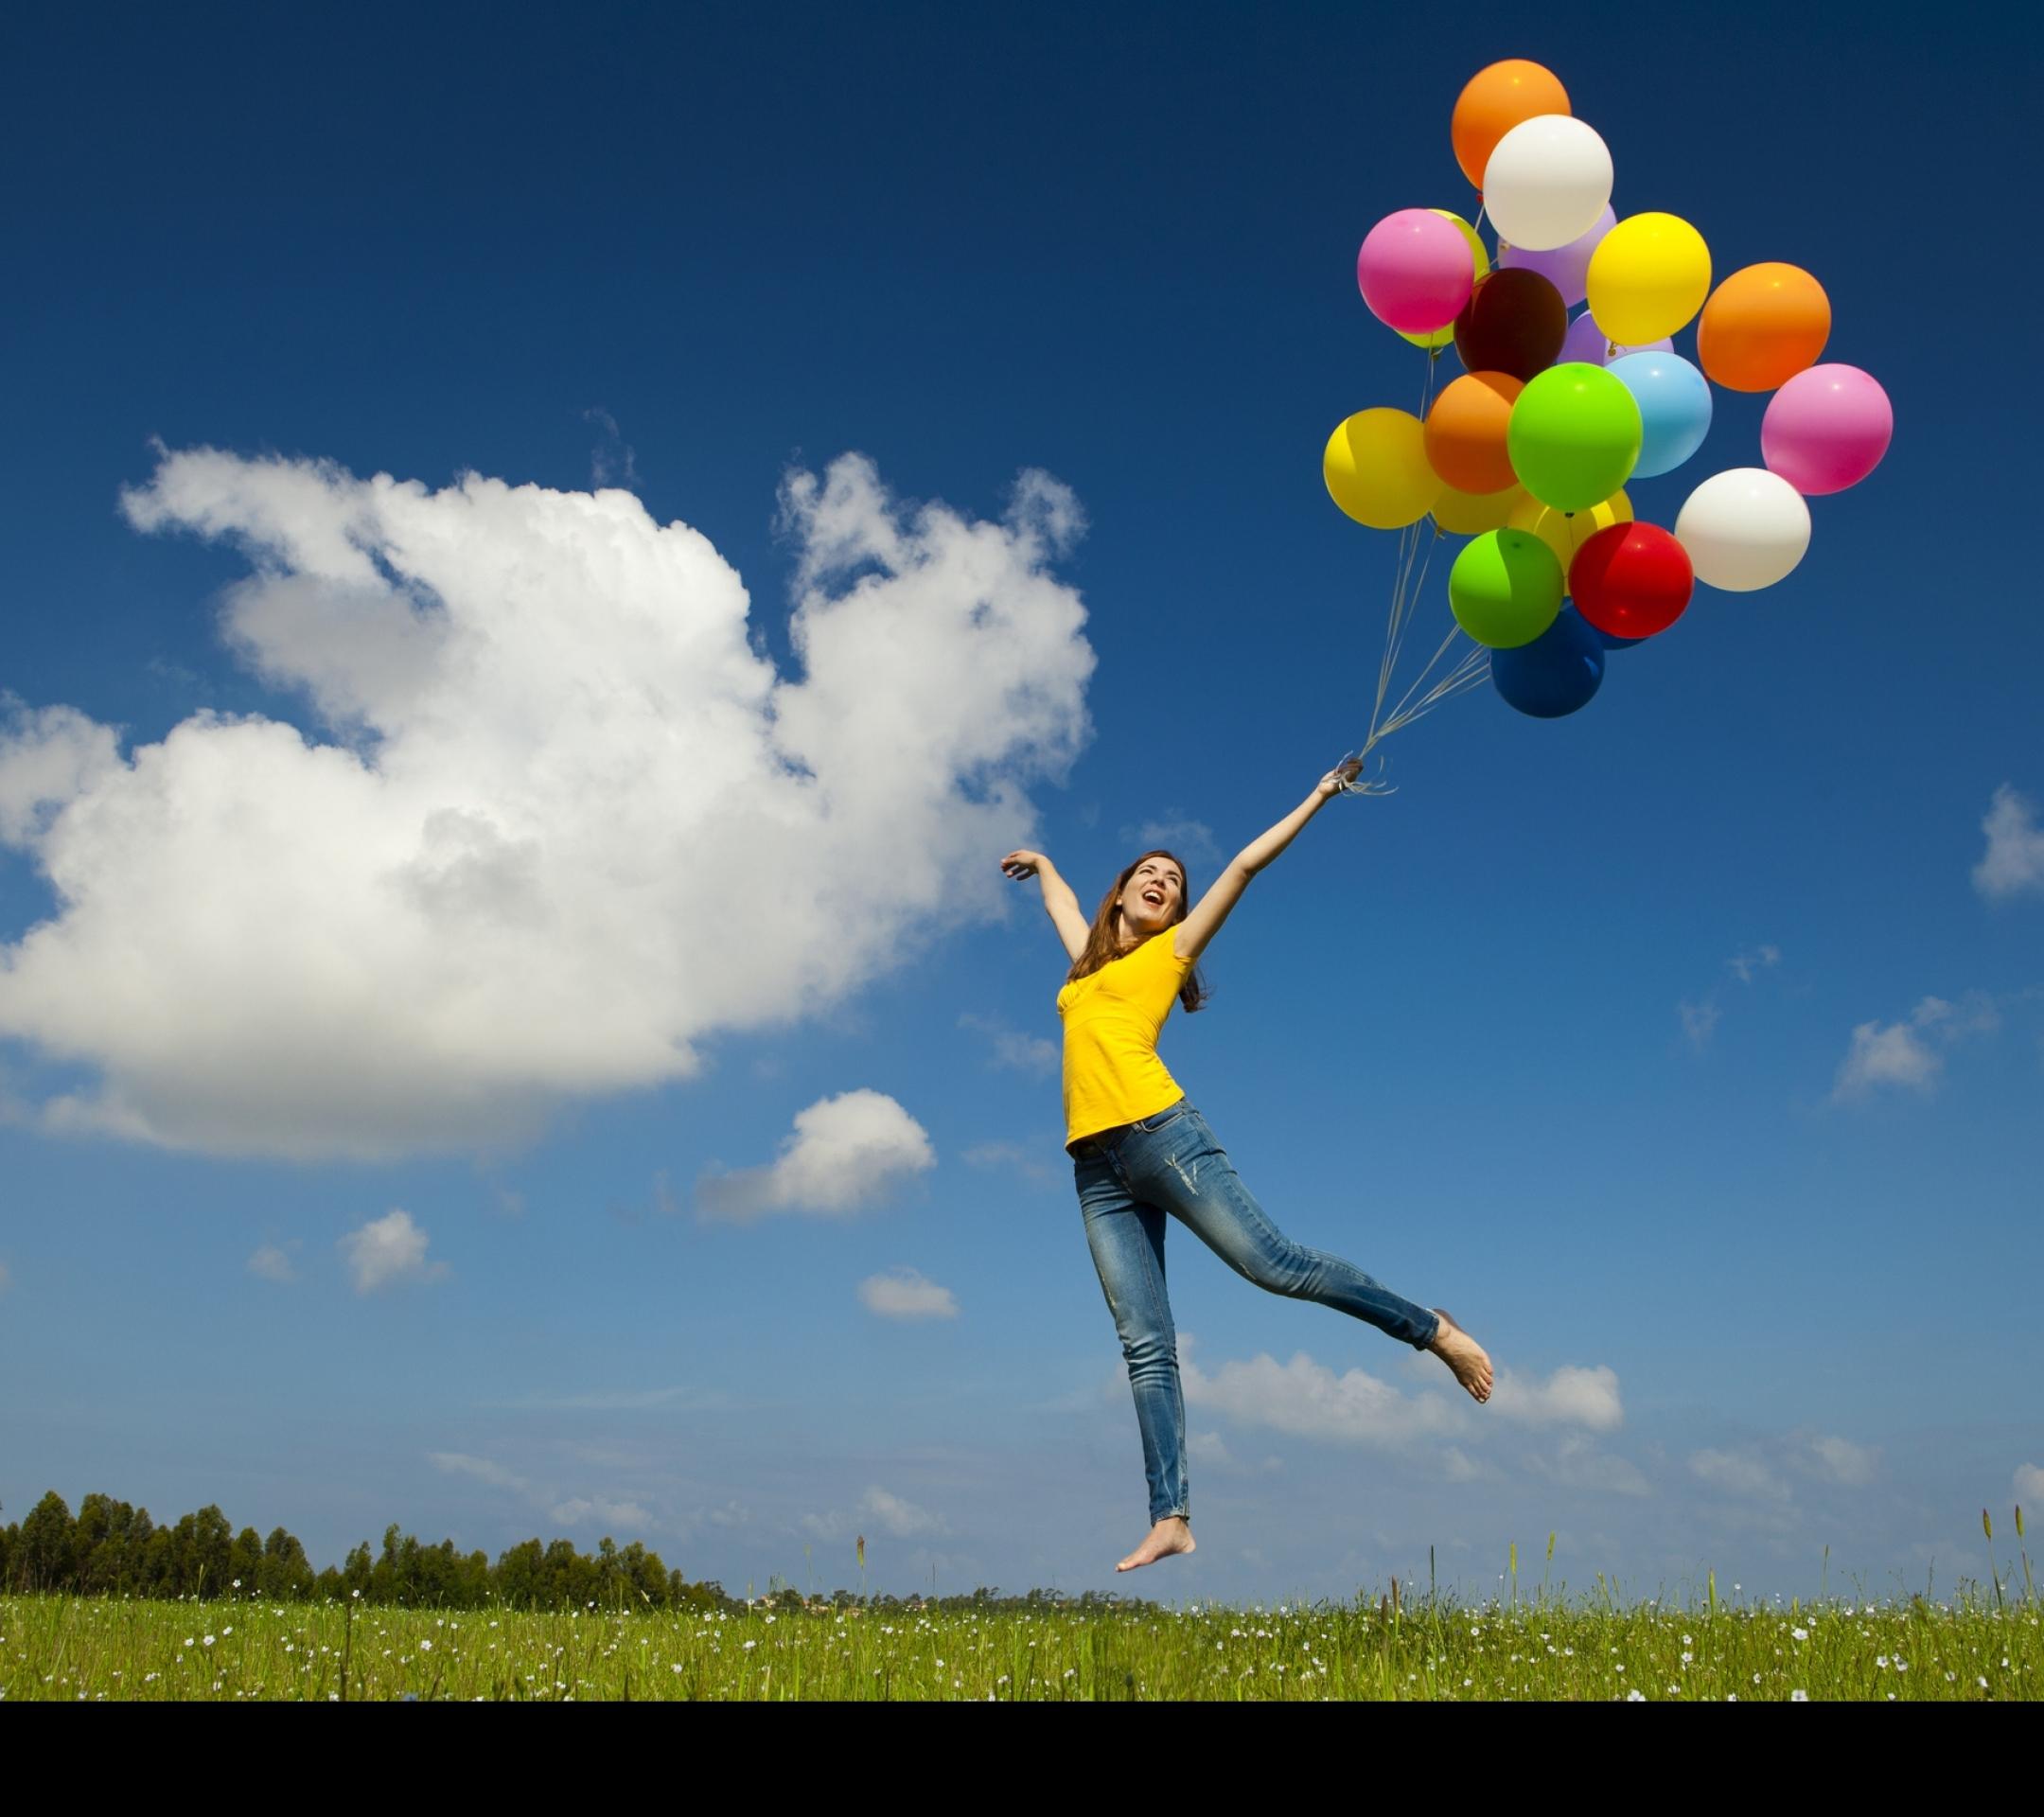 воздушная девушка бесплатно